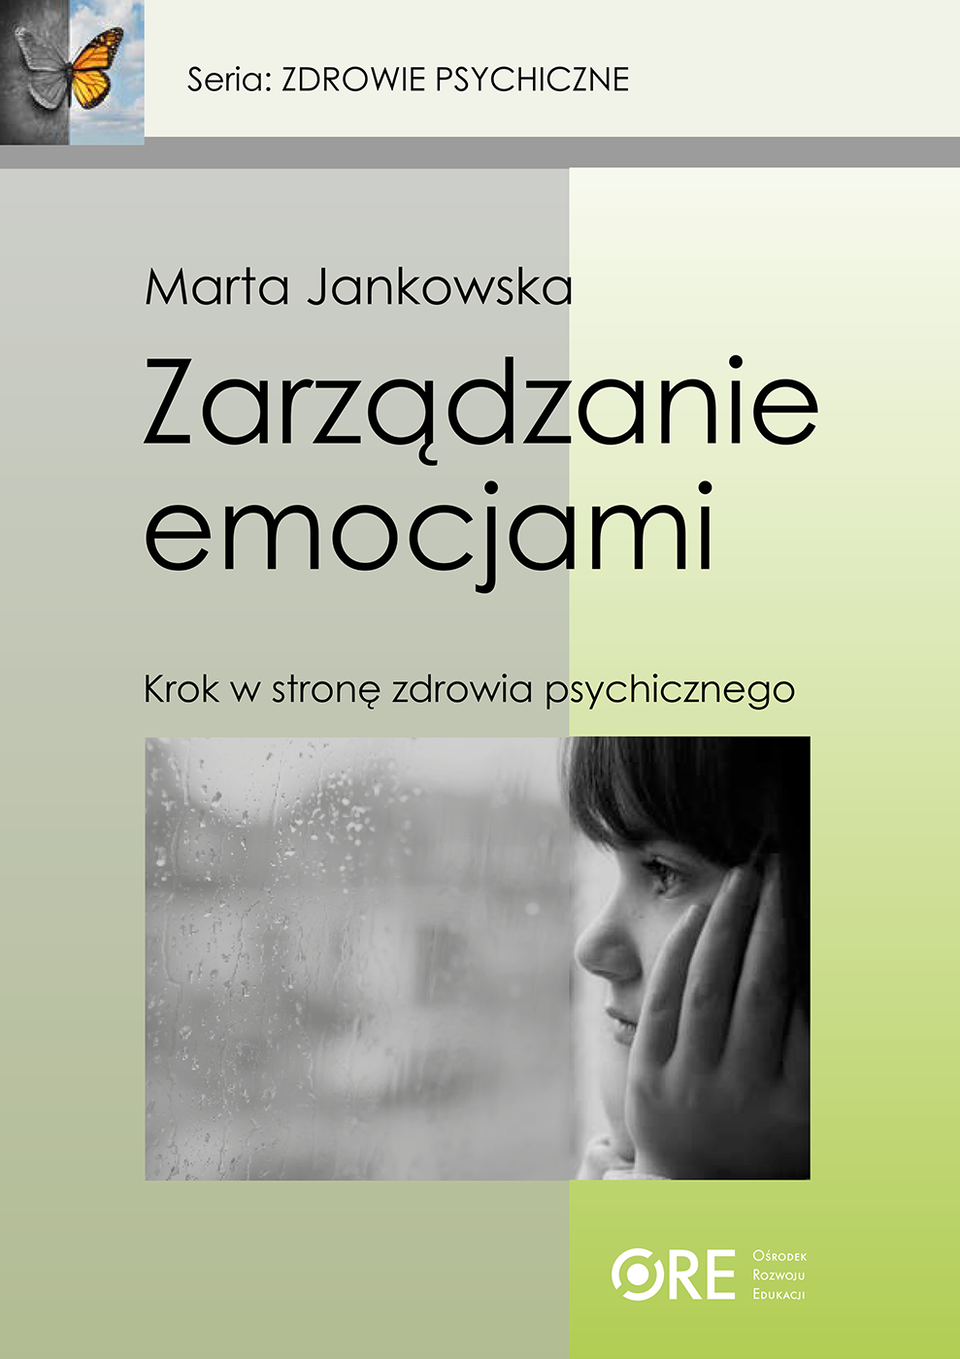 Pobierz plik: M. Jankowska Zarzadzanie emocjami krok w strone zdrowia psychicznego Wychowanie i Profilaktyka.pdf